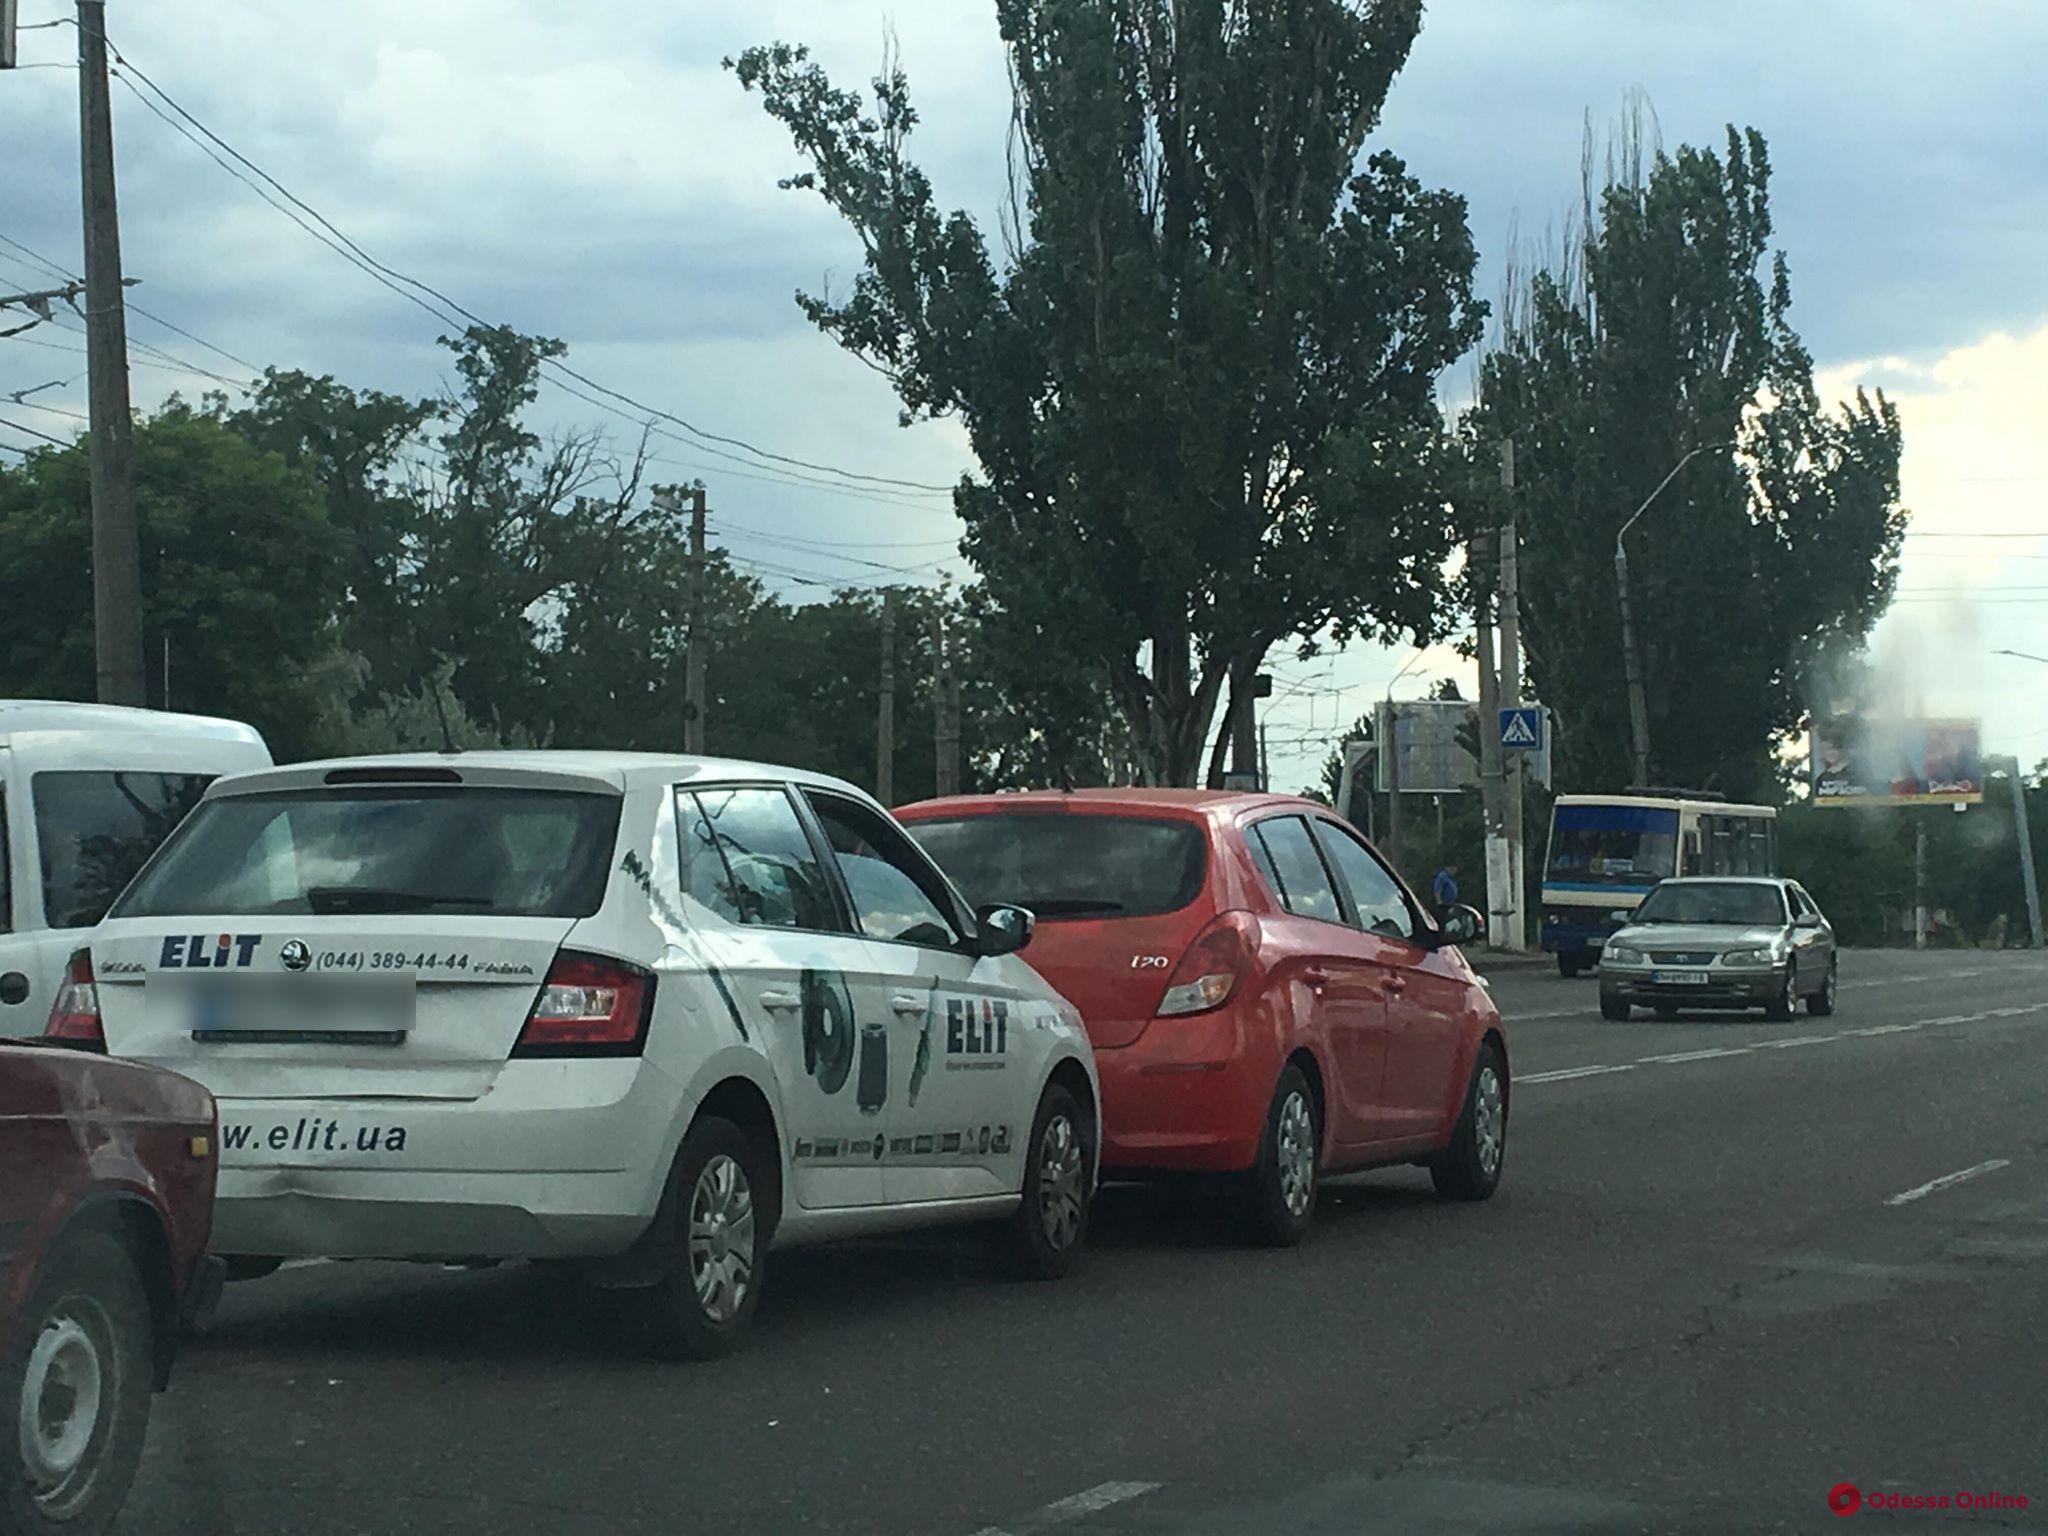 На Николаевской дороге три легковушки встали «паровозиком» — образовалась пробка